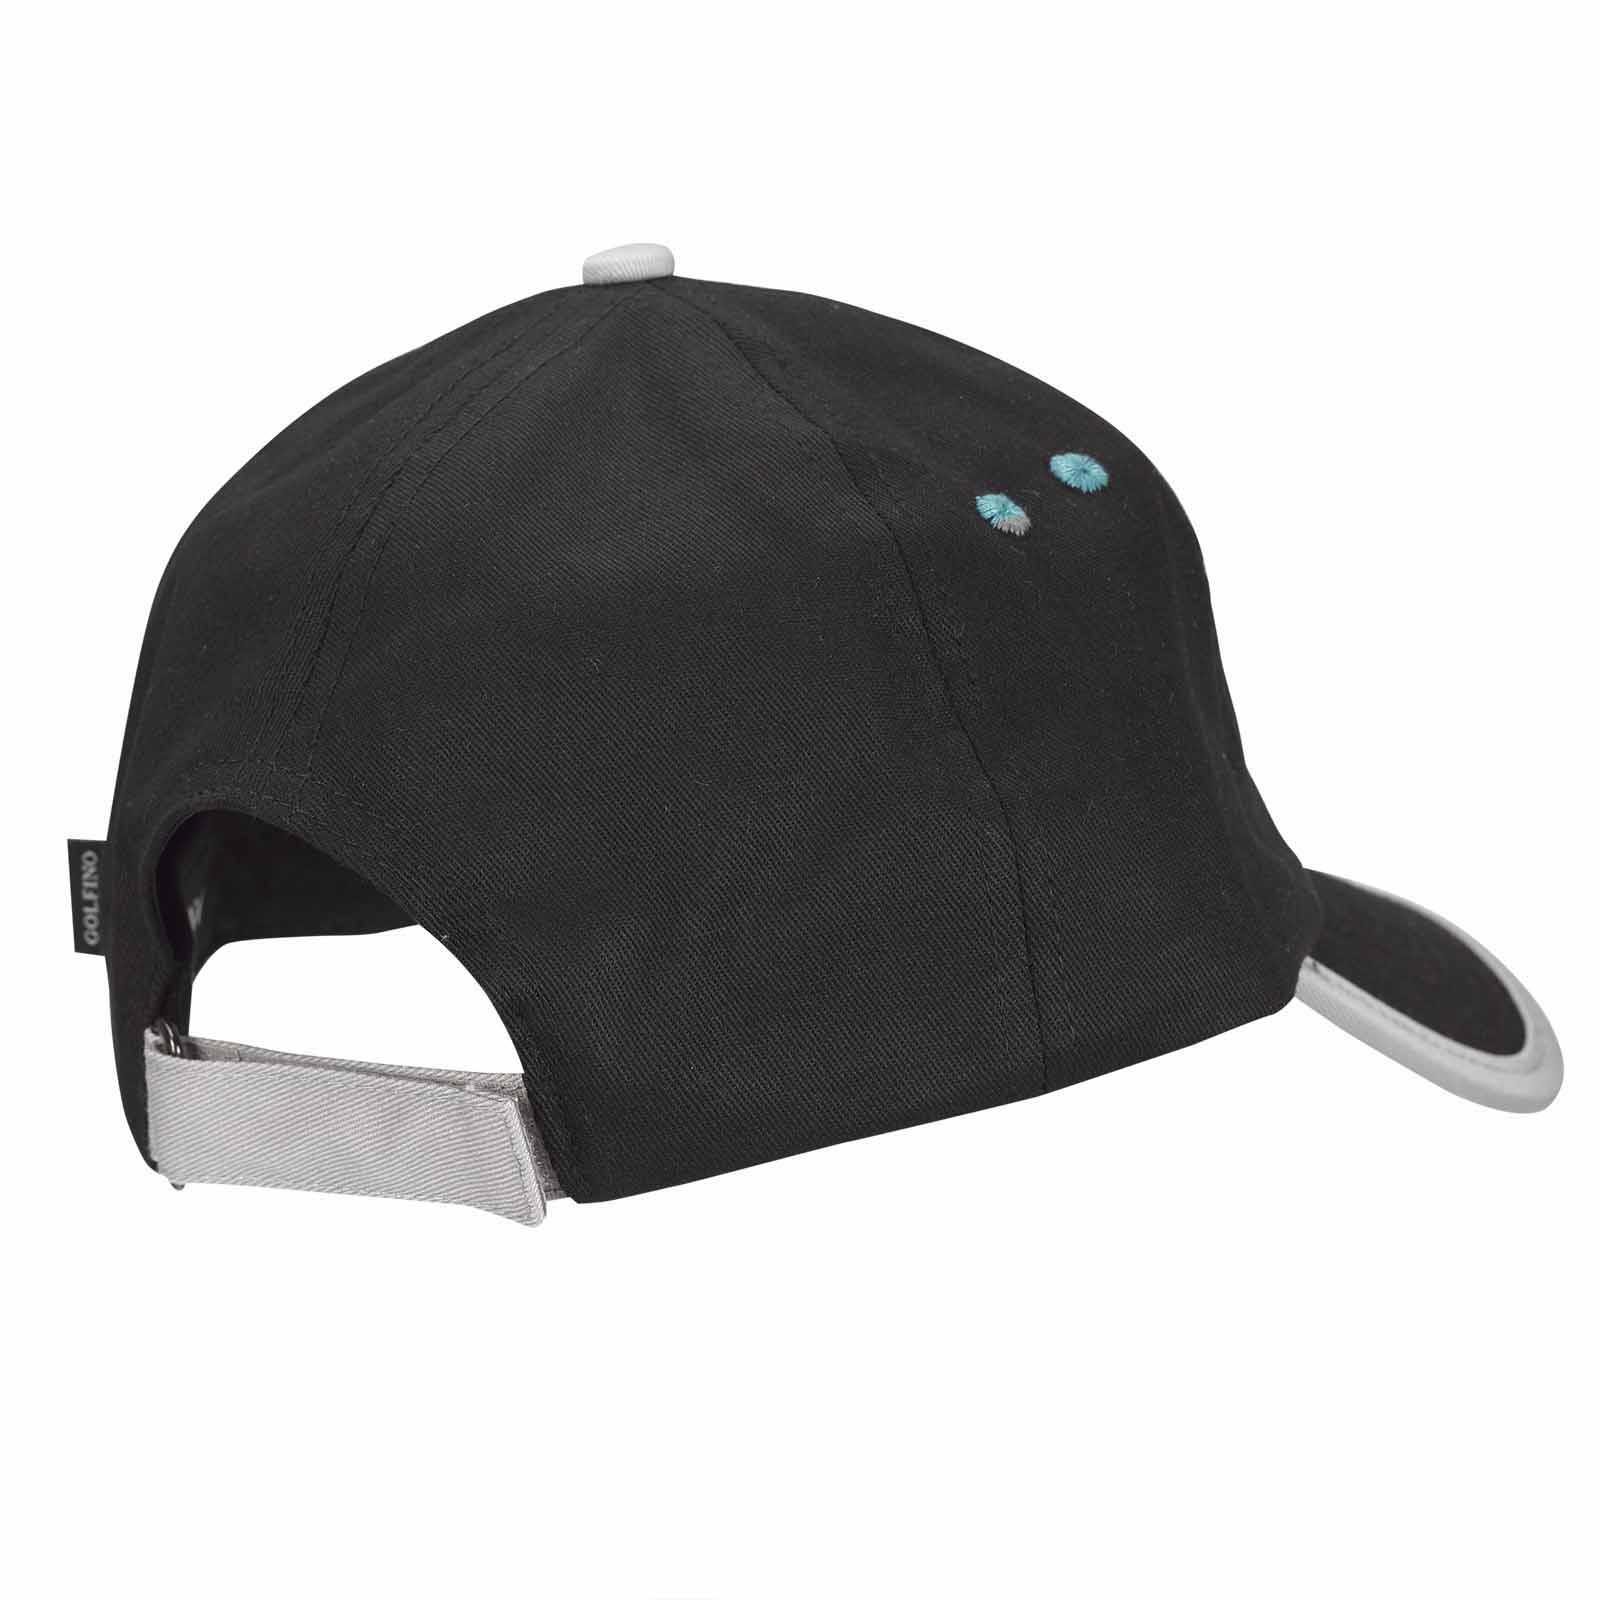 Herren Golfcap mit Extra Stretch Komfort aus Baumwoll-Mix